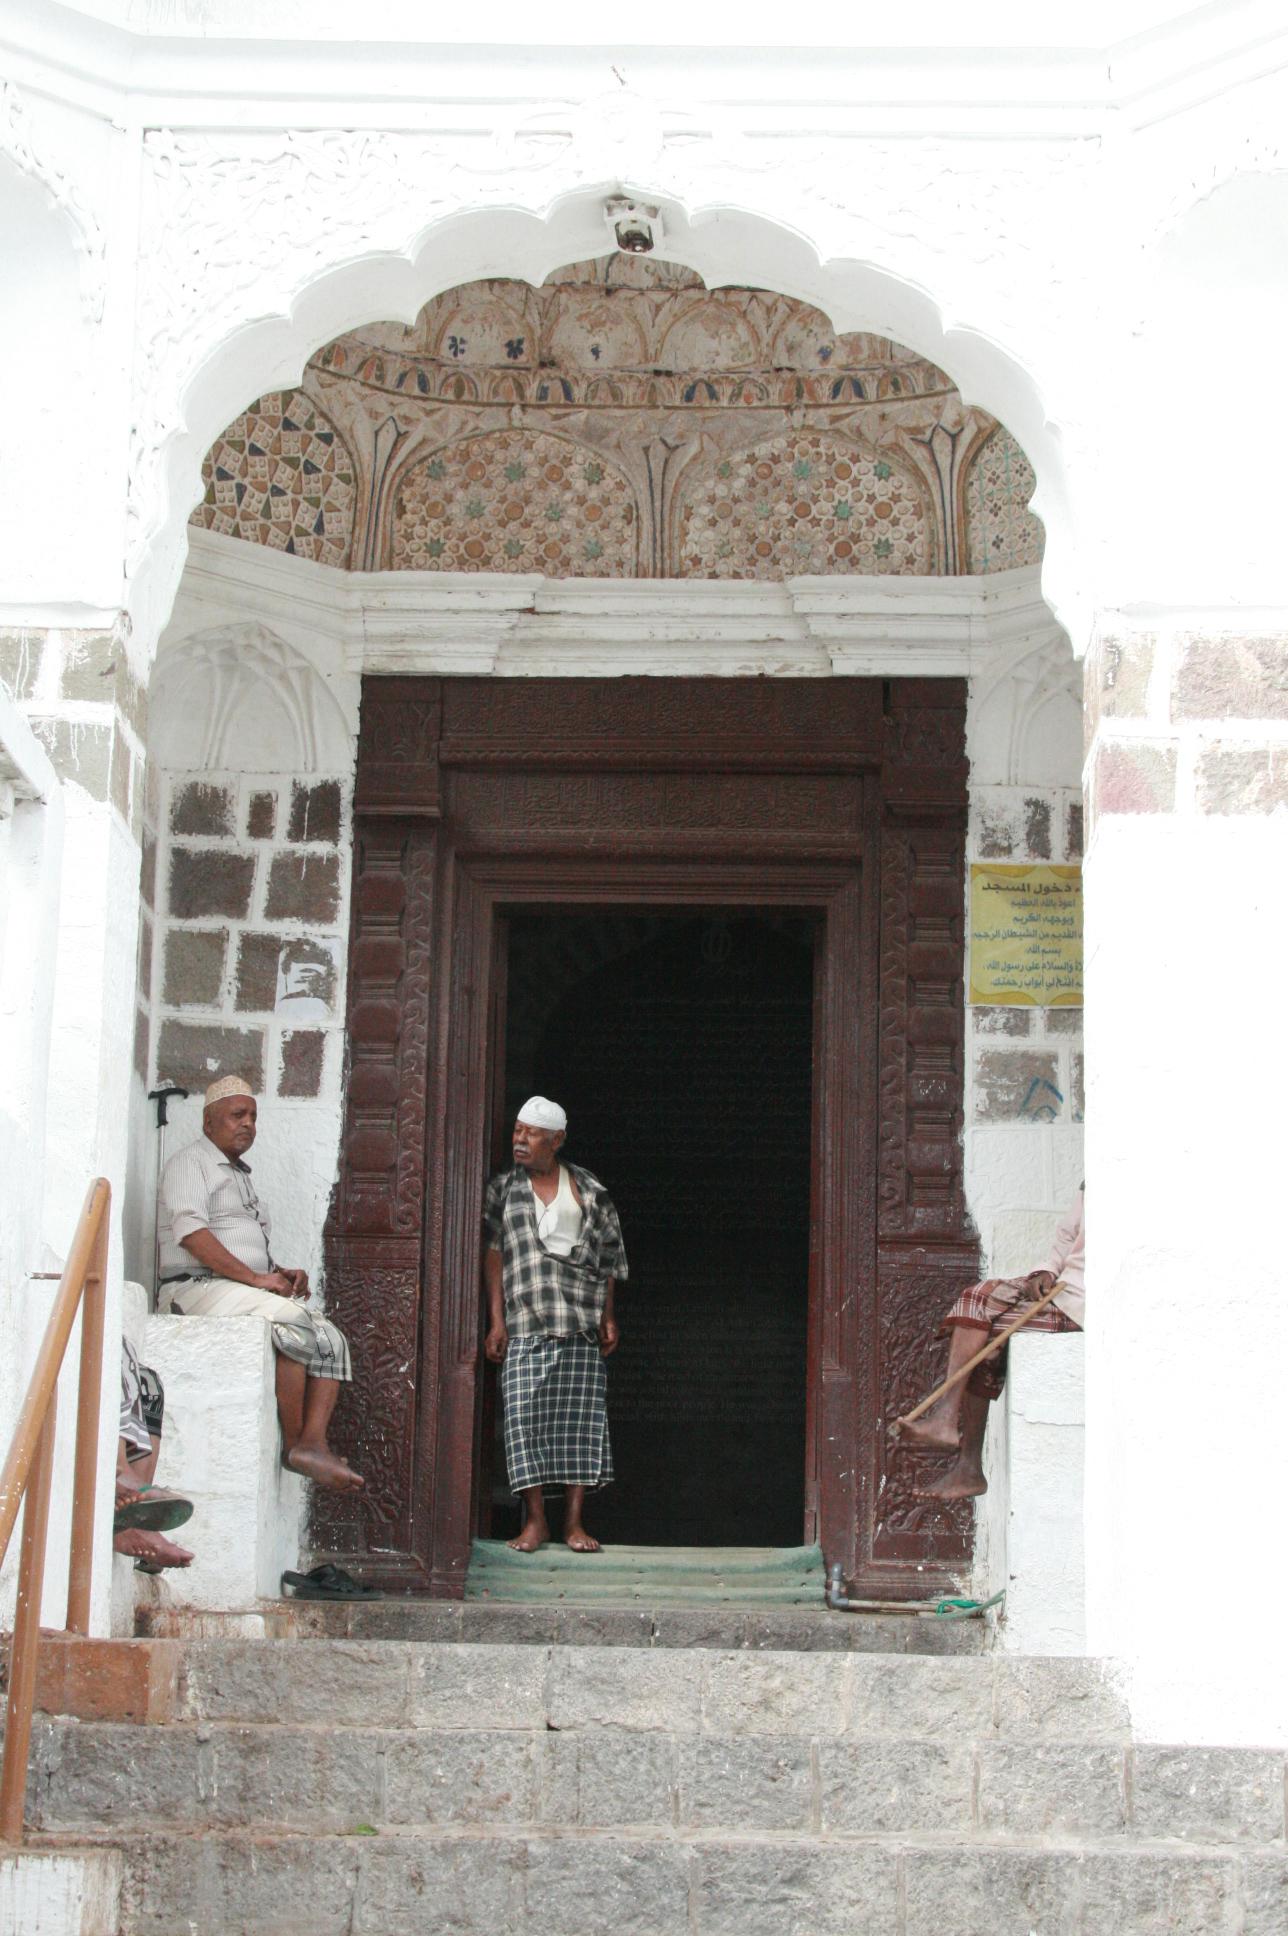 بوابة مسجد العيدروس التاريخي (إندبندنت عربية)